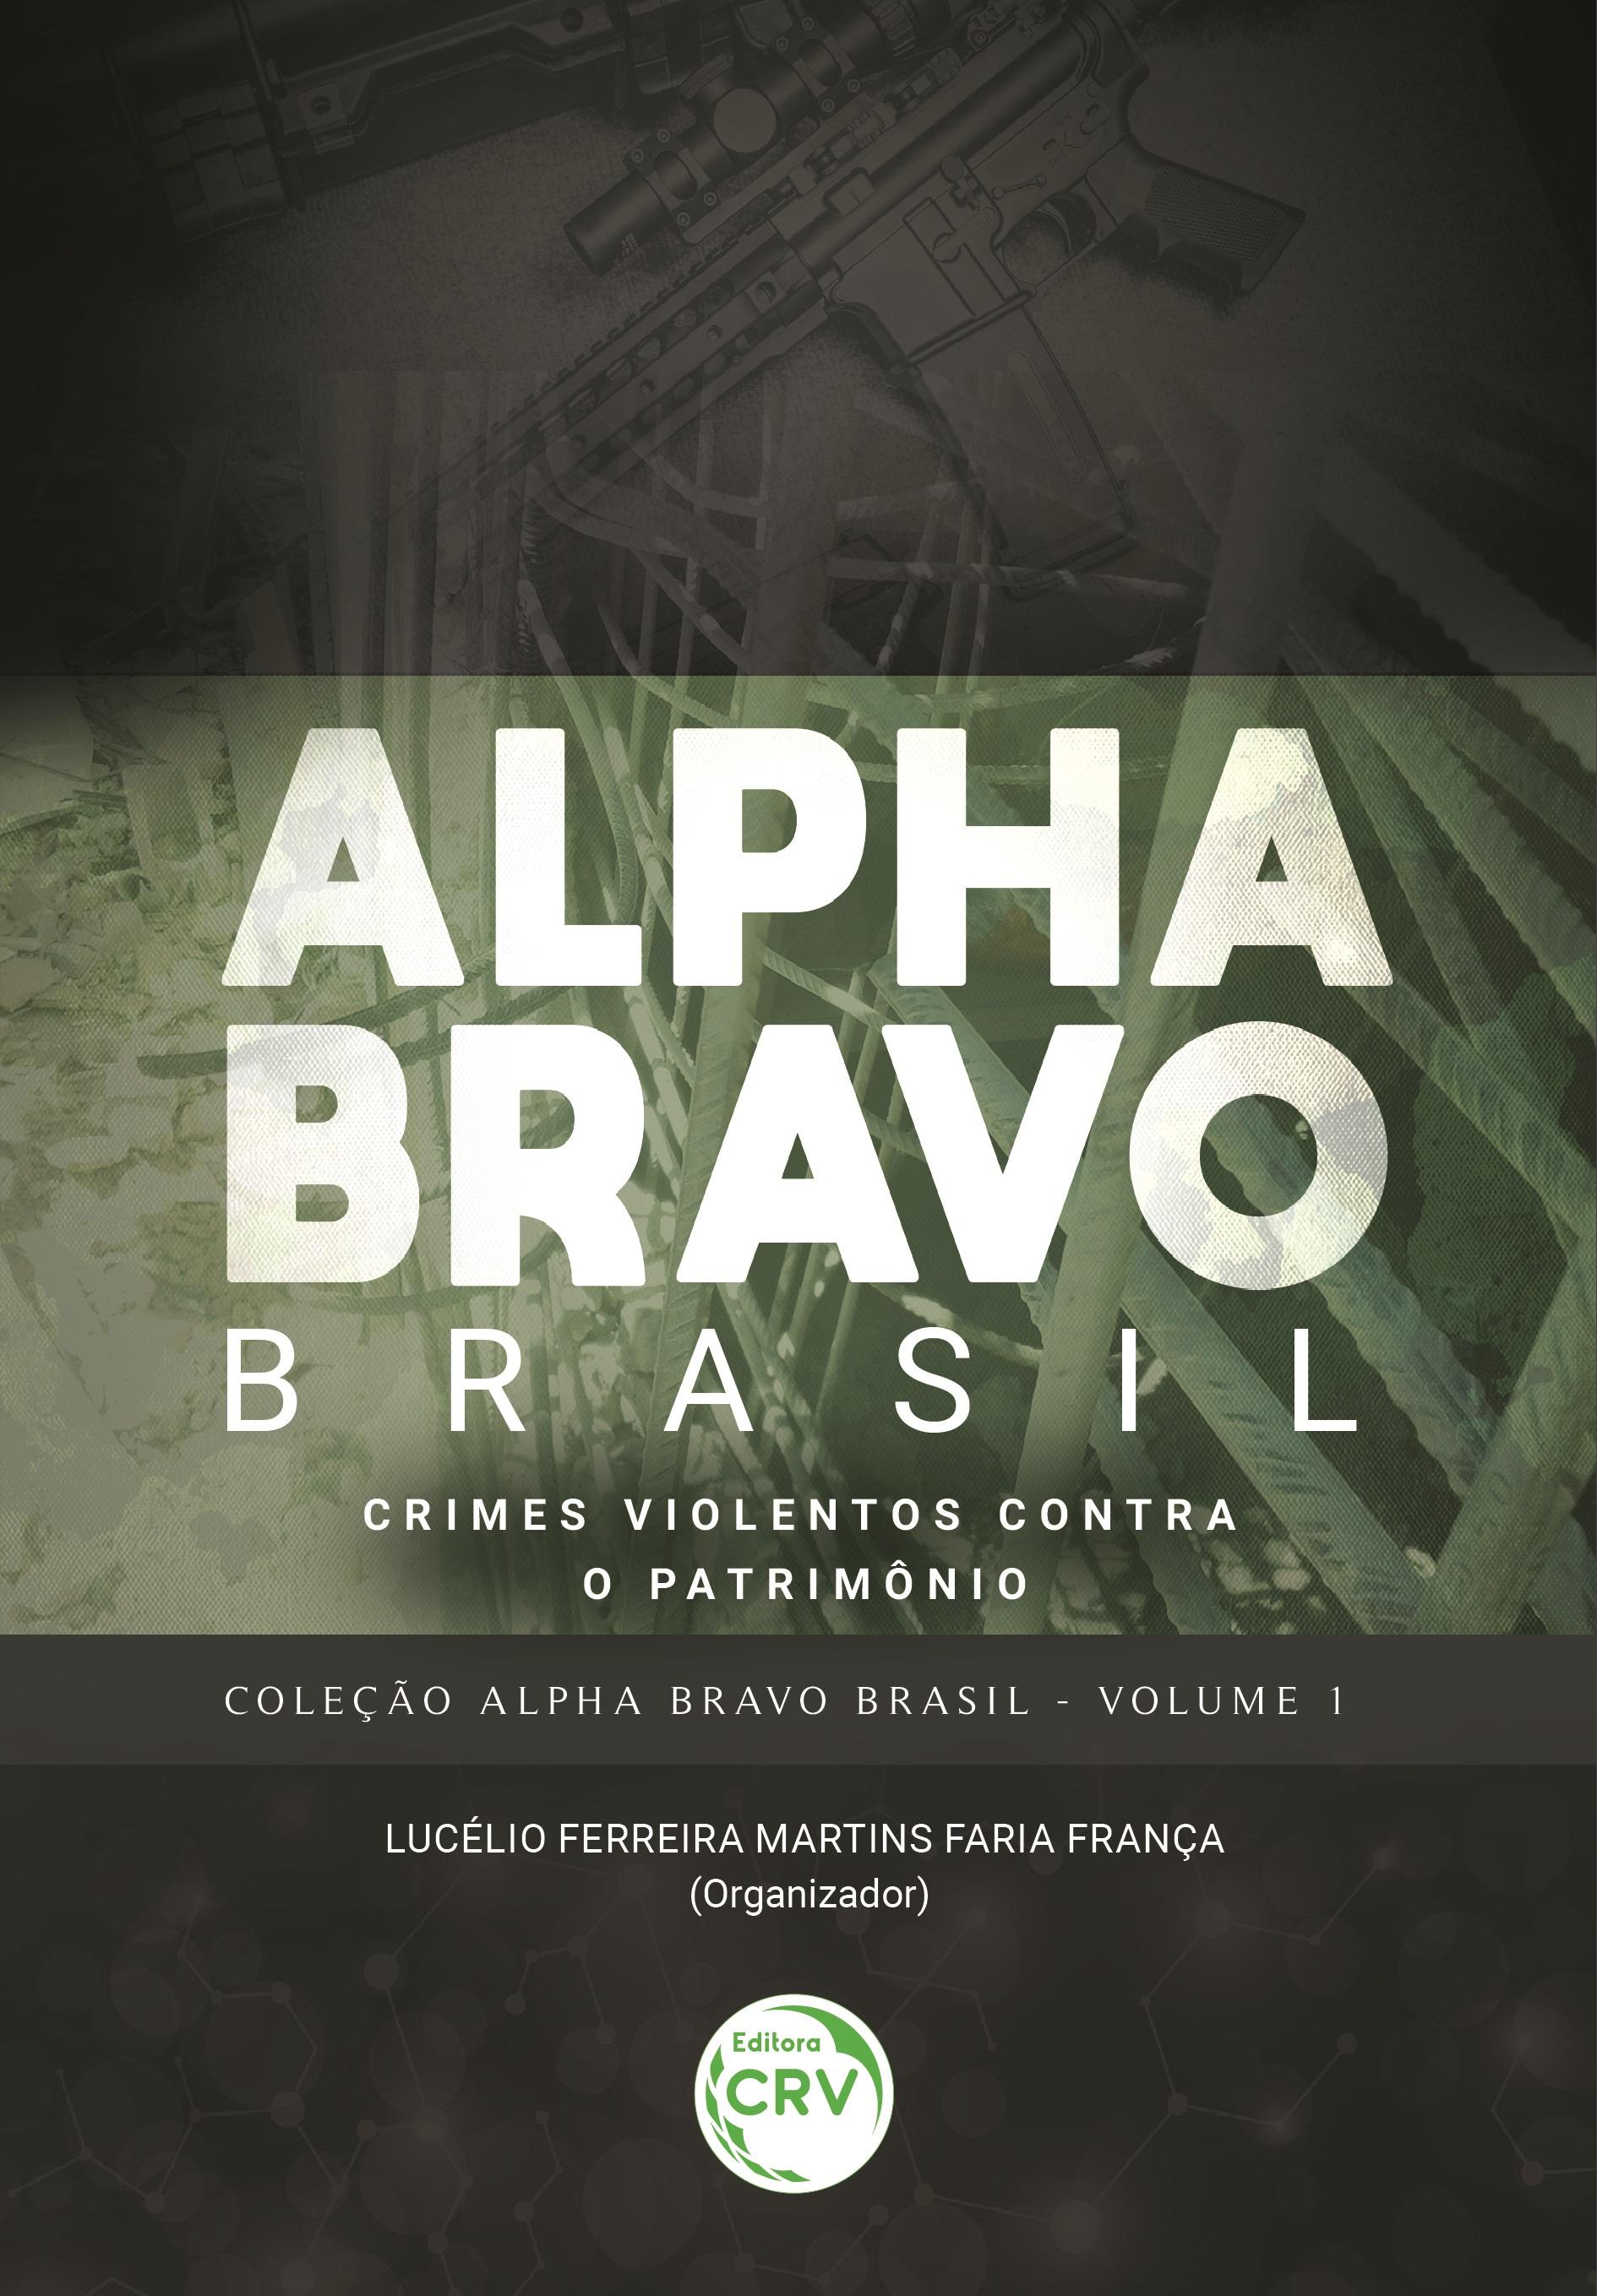 Capa do livro: ALPHA BRAVO BRASIL – CRIMES VIOLENTOS CONTRA O PATRIMÔNIO <br>COLEÇÃO ALPHA BRAVO BRASIL - VOLUME 1